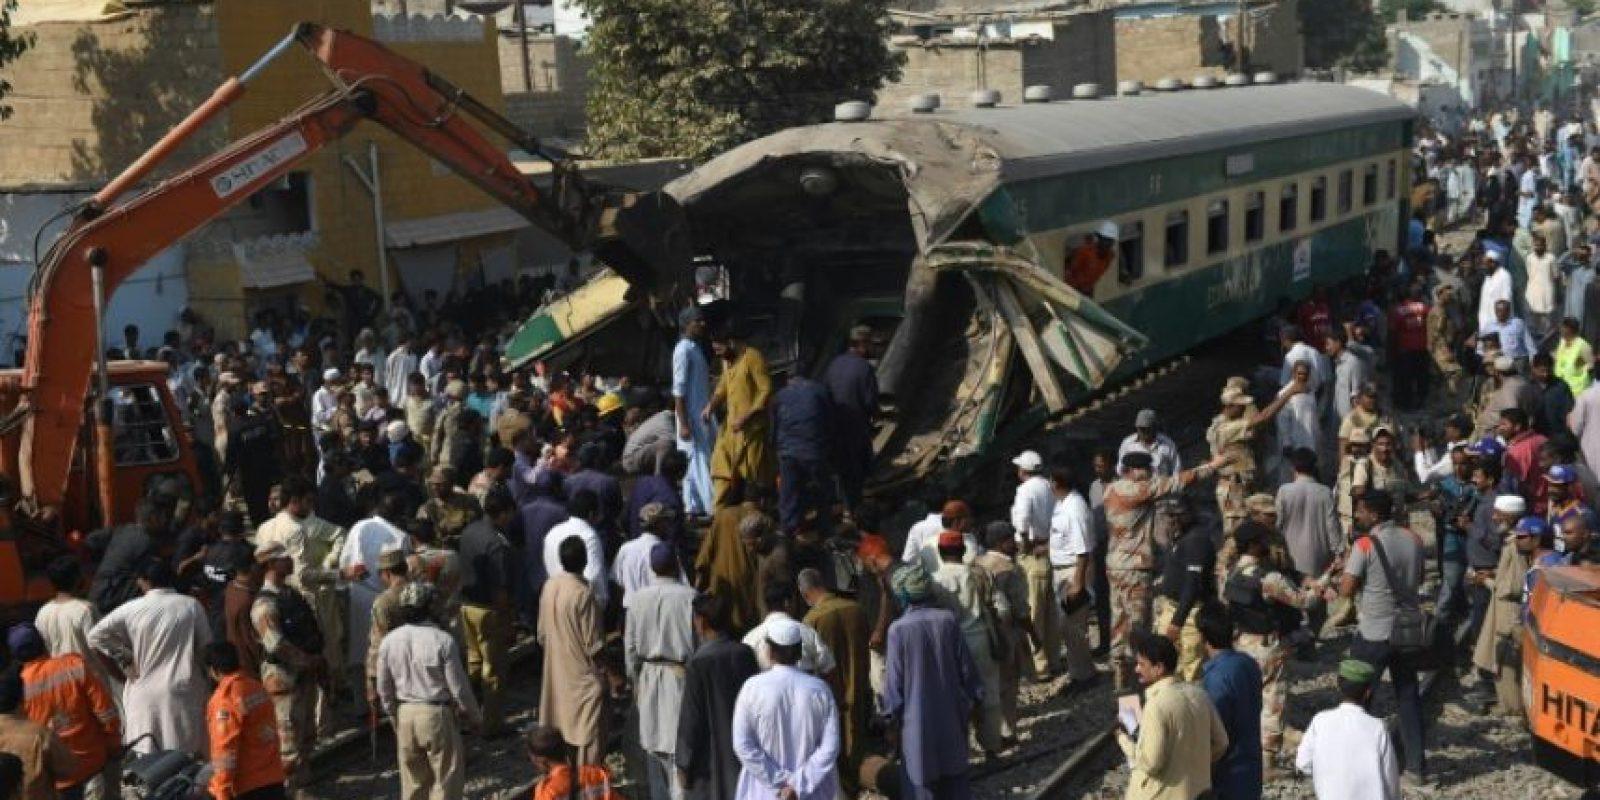 El accidente ferroviario ocurrido el 3 de noviembre de 2016 en la ciudad paquistaní de Karachi Foto:Rizwan Tabassum/afp.com